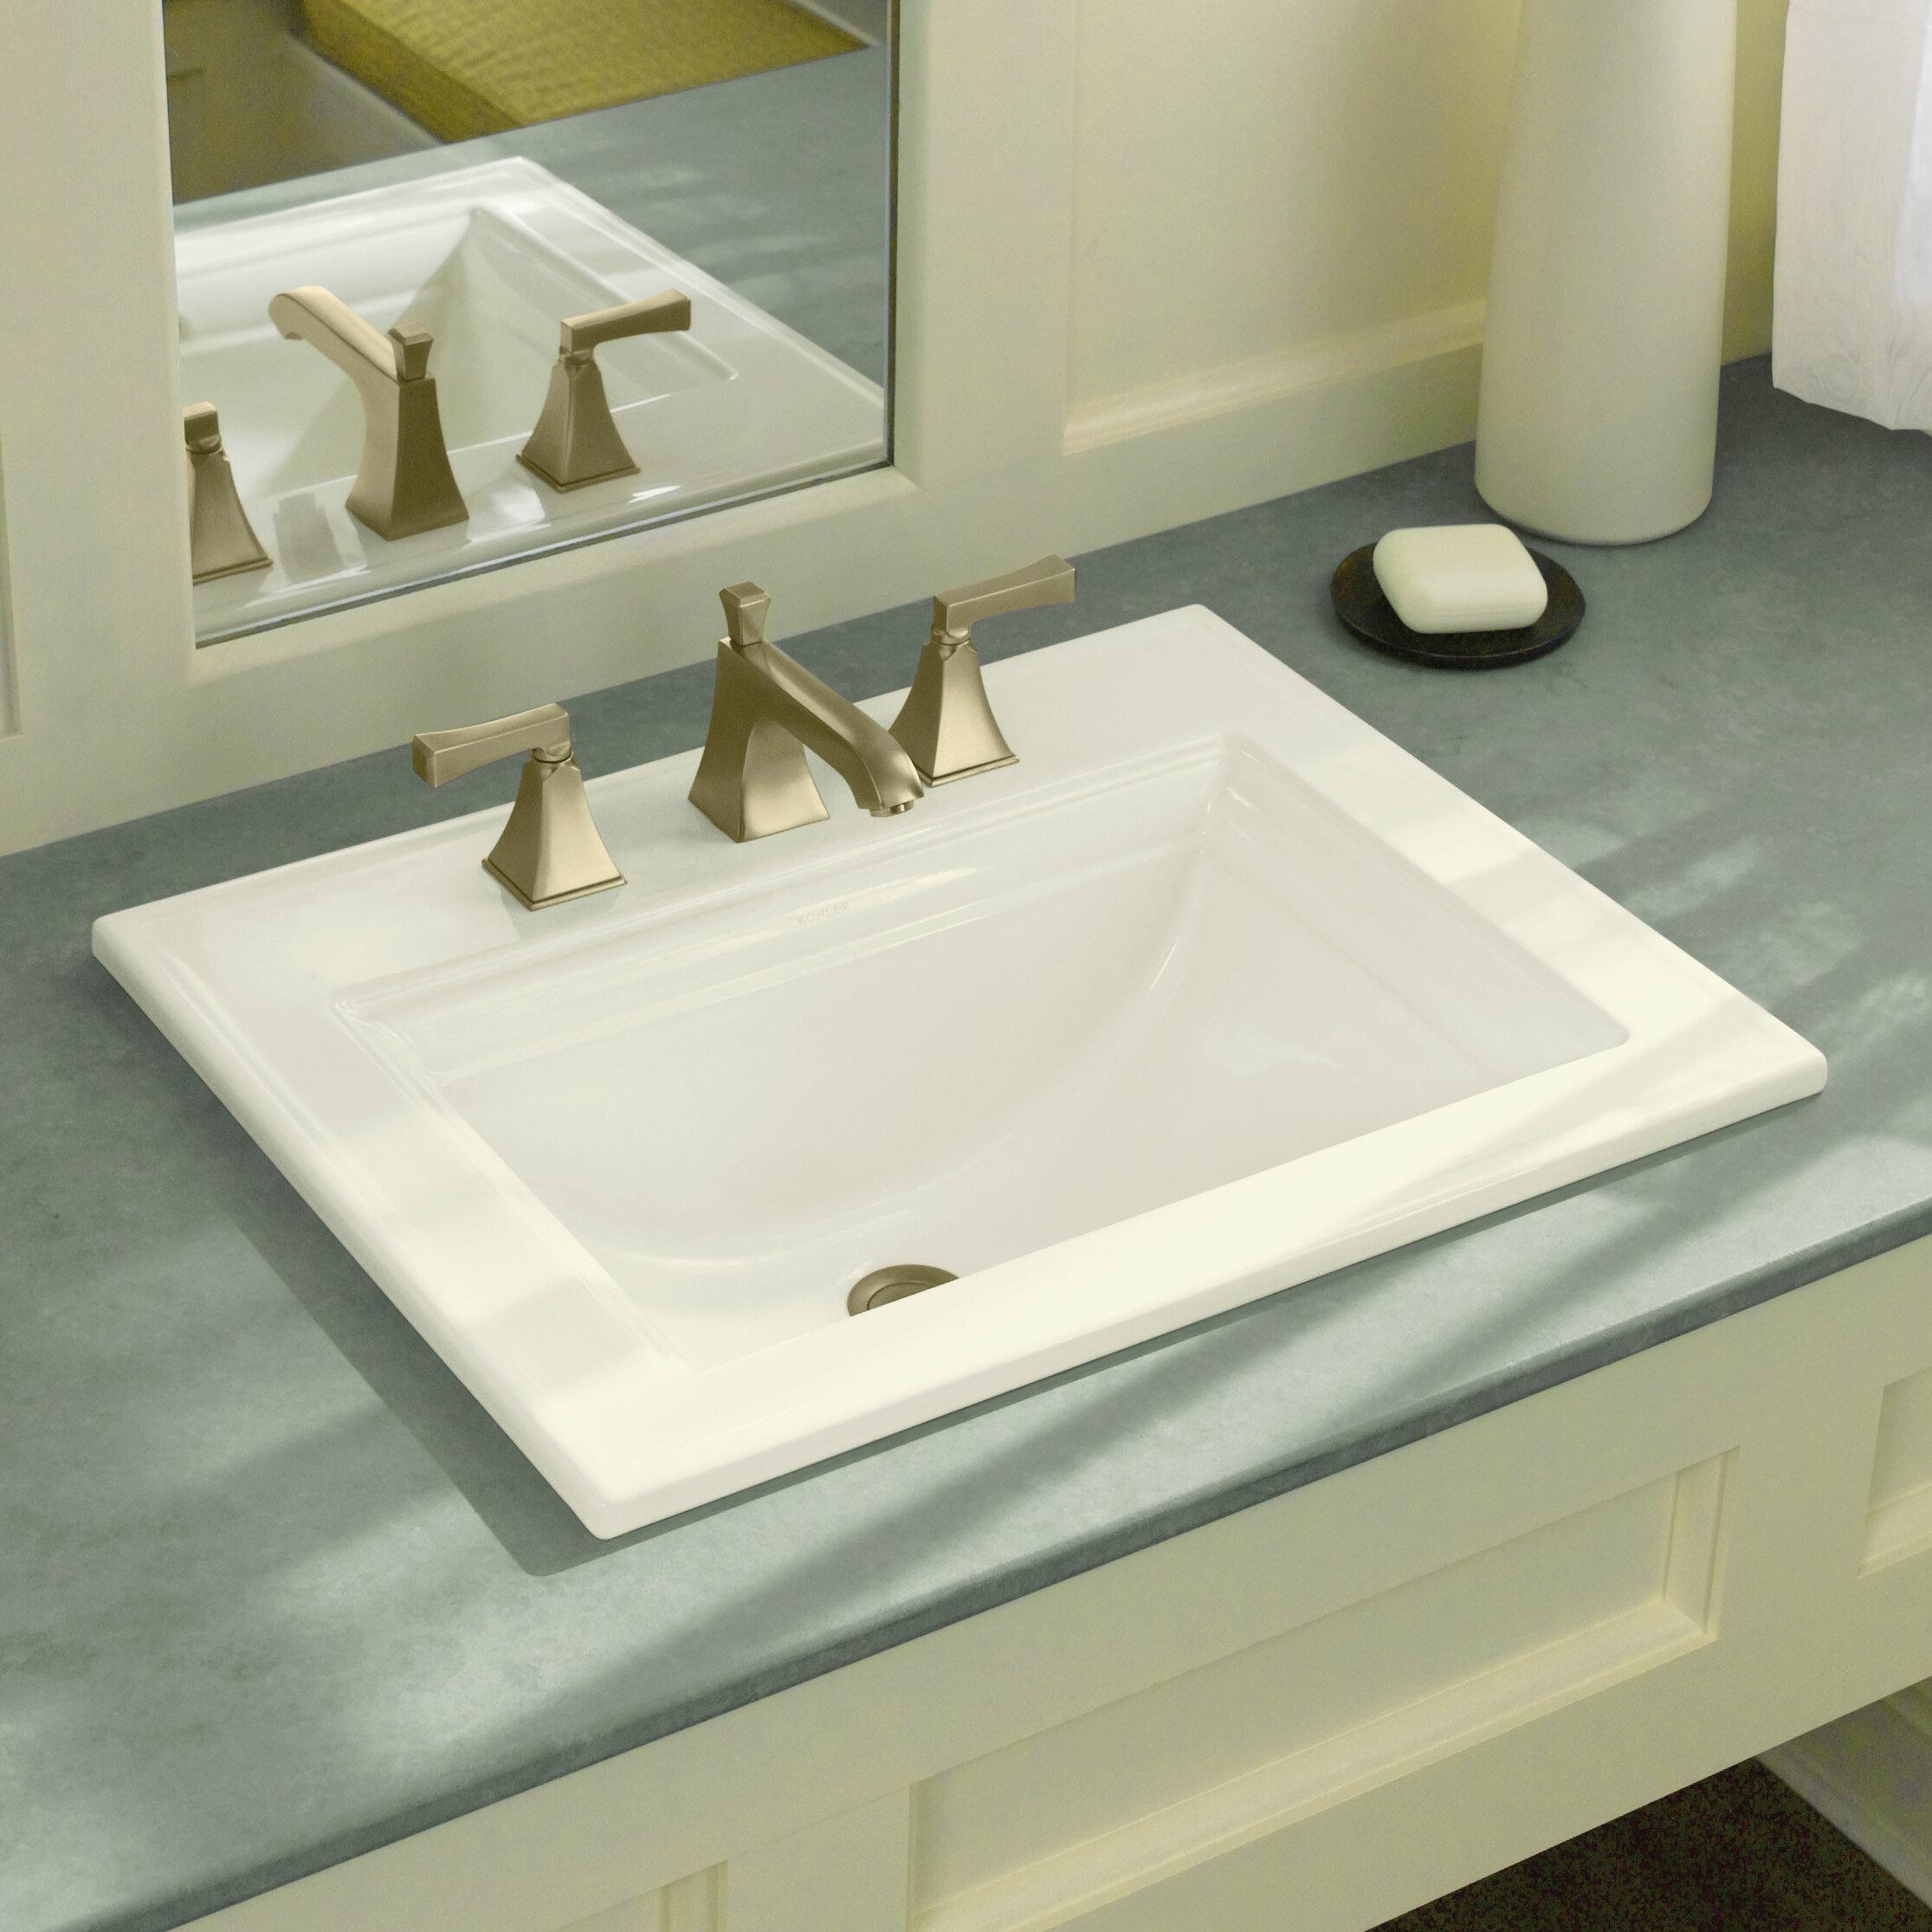 Drop In Bathroom Sink Installation. K  Kohler Memoirs Ceramic Rectangular Drop In Bathroom Sink With Overflow Reviews Wayfair